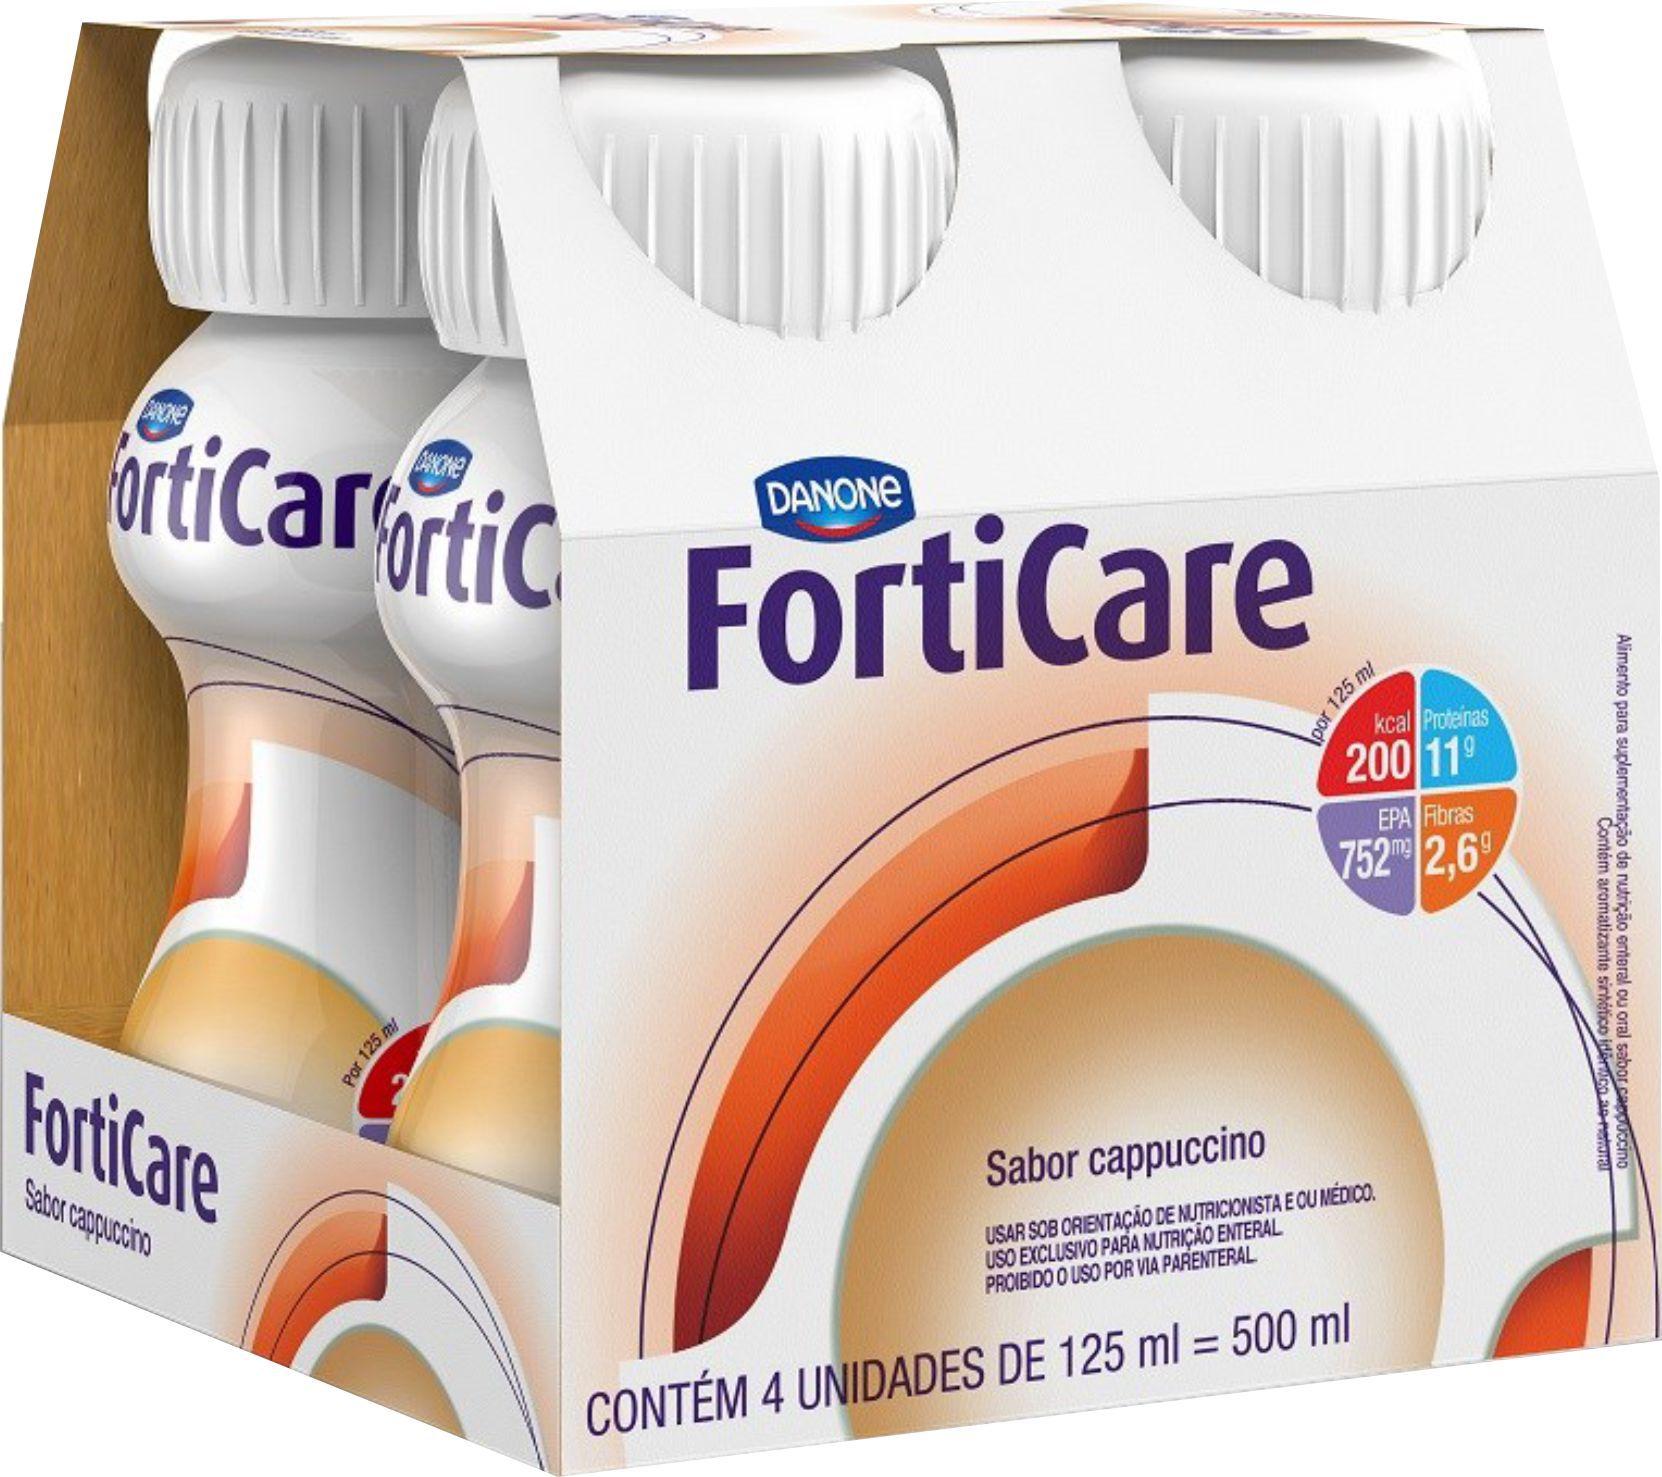 Forticare - Kit 4 unidades 125ml Sabor Cappuccino - Danone